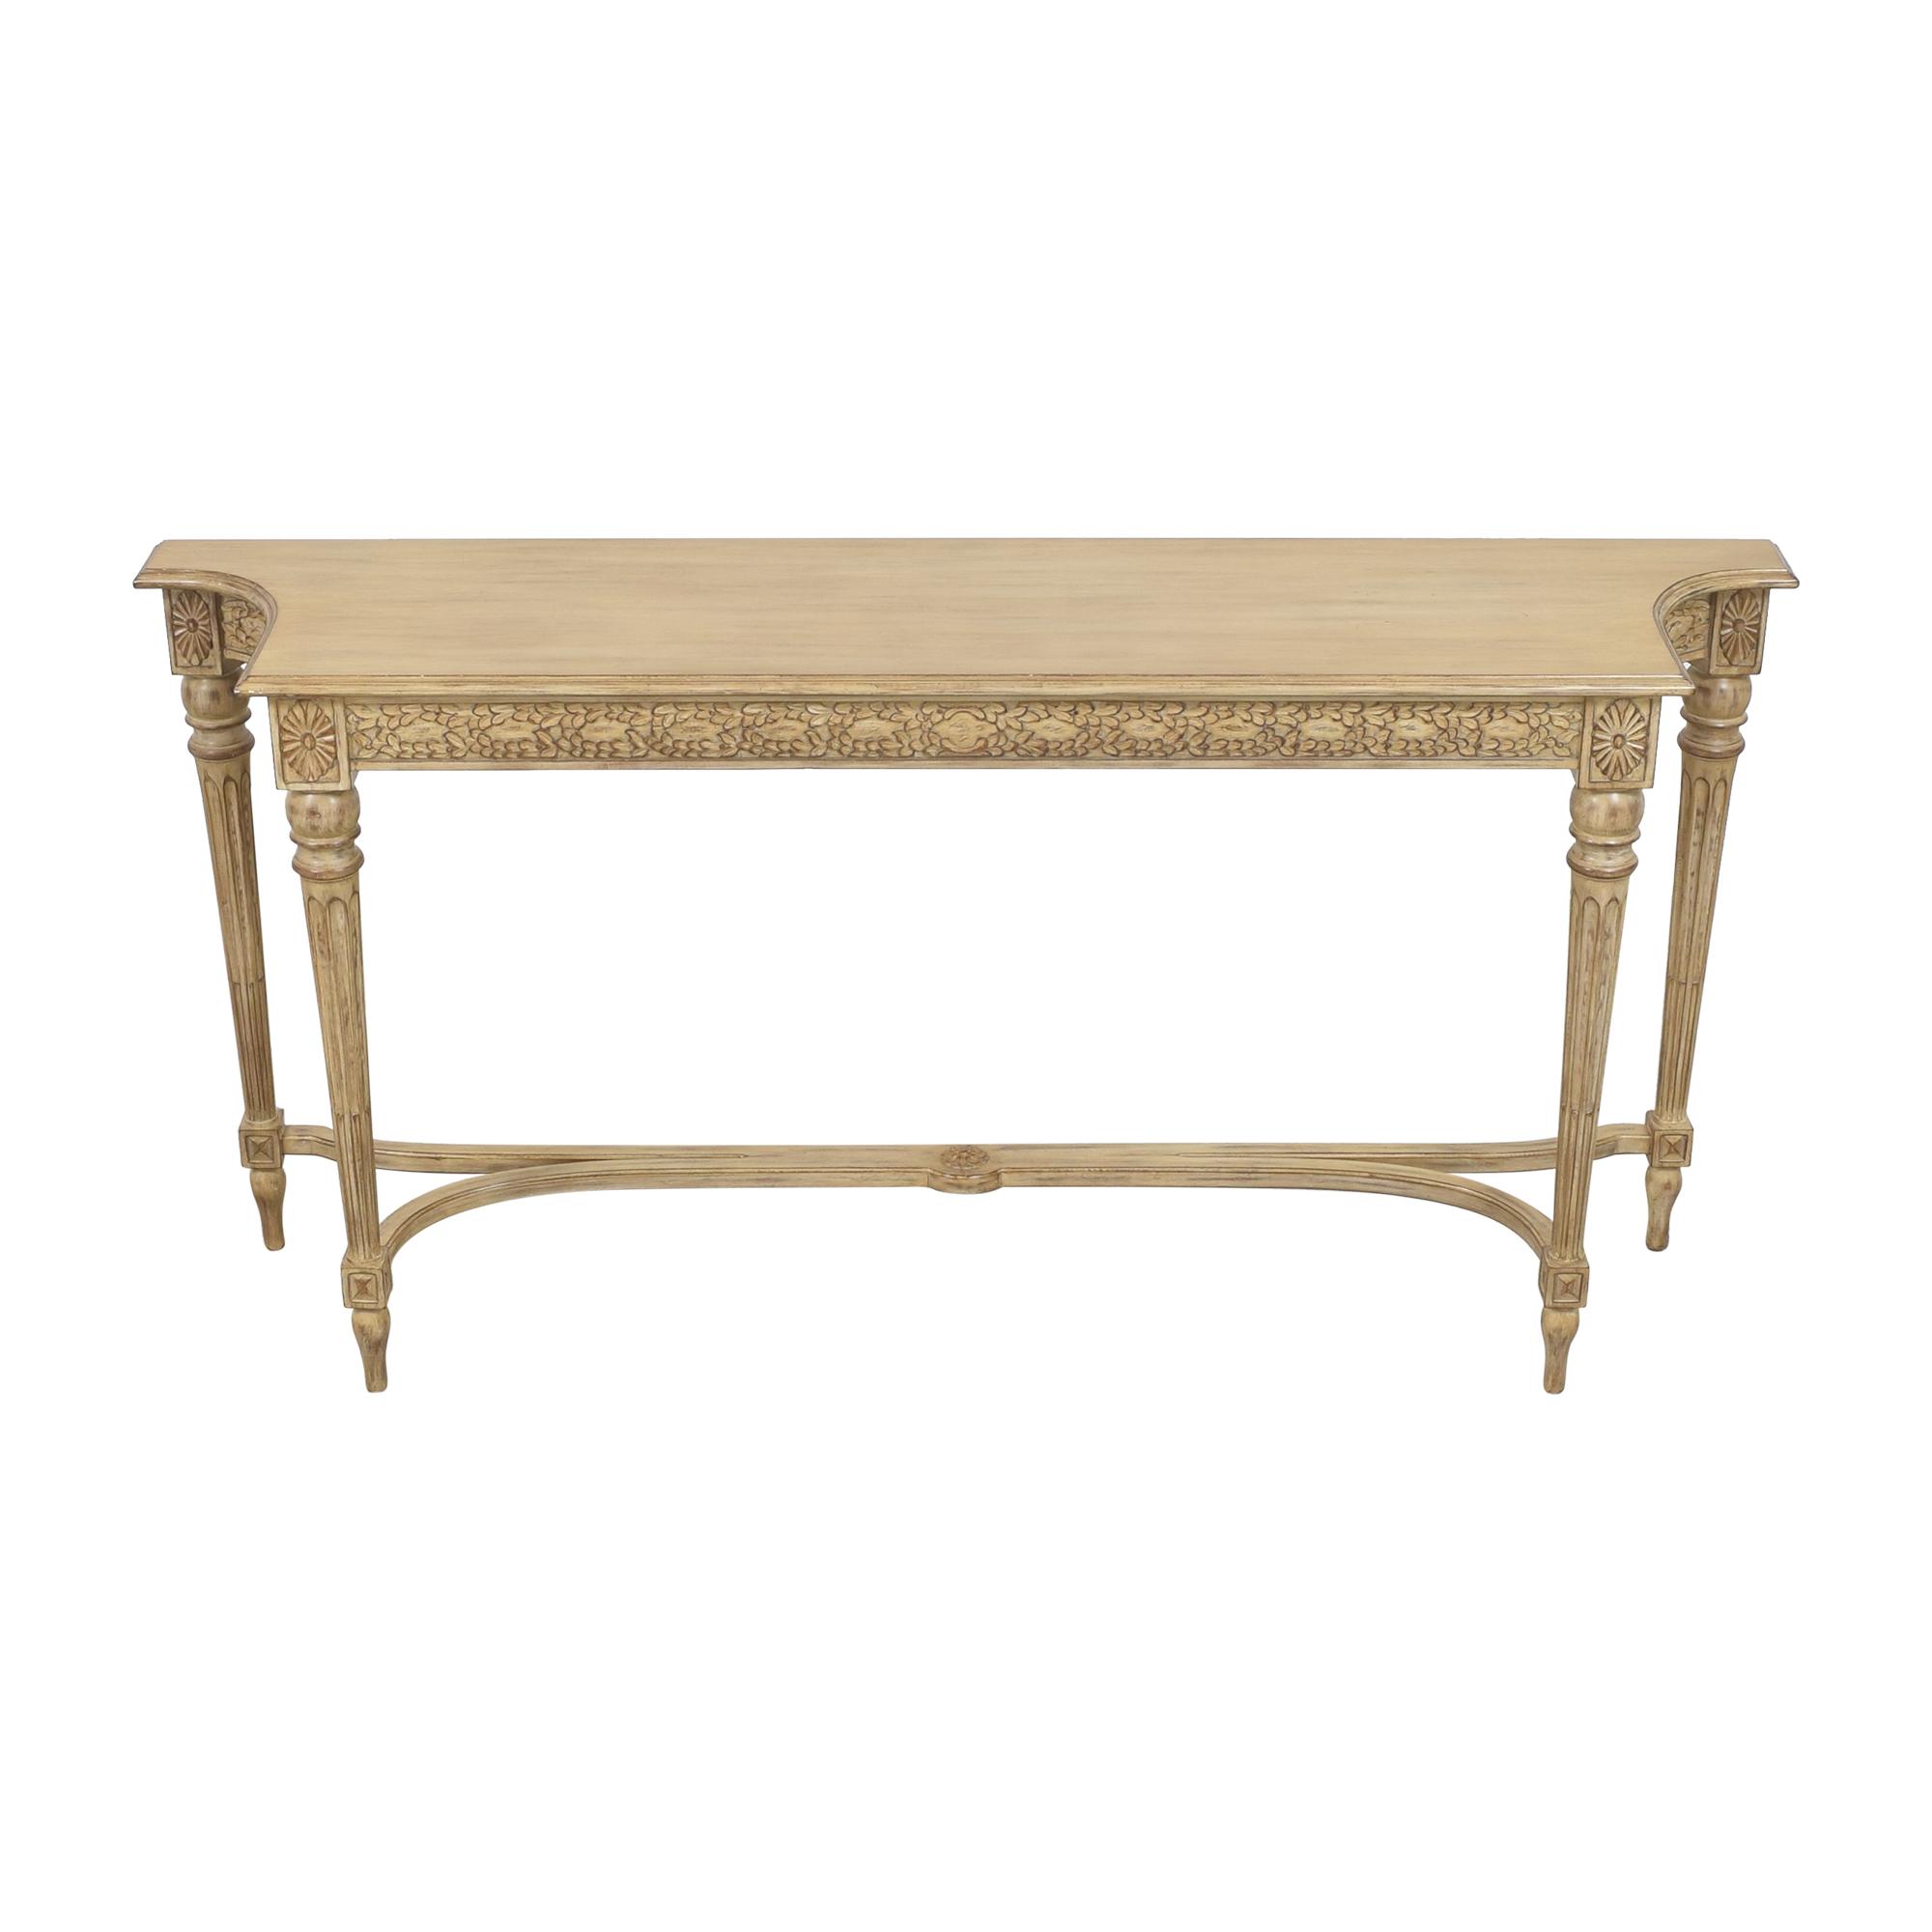 Louis J. Solomon Louis J. Solomon French-Style Console Table for sale